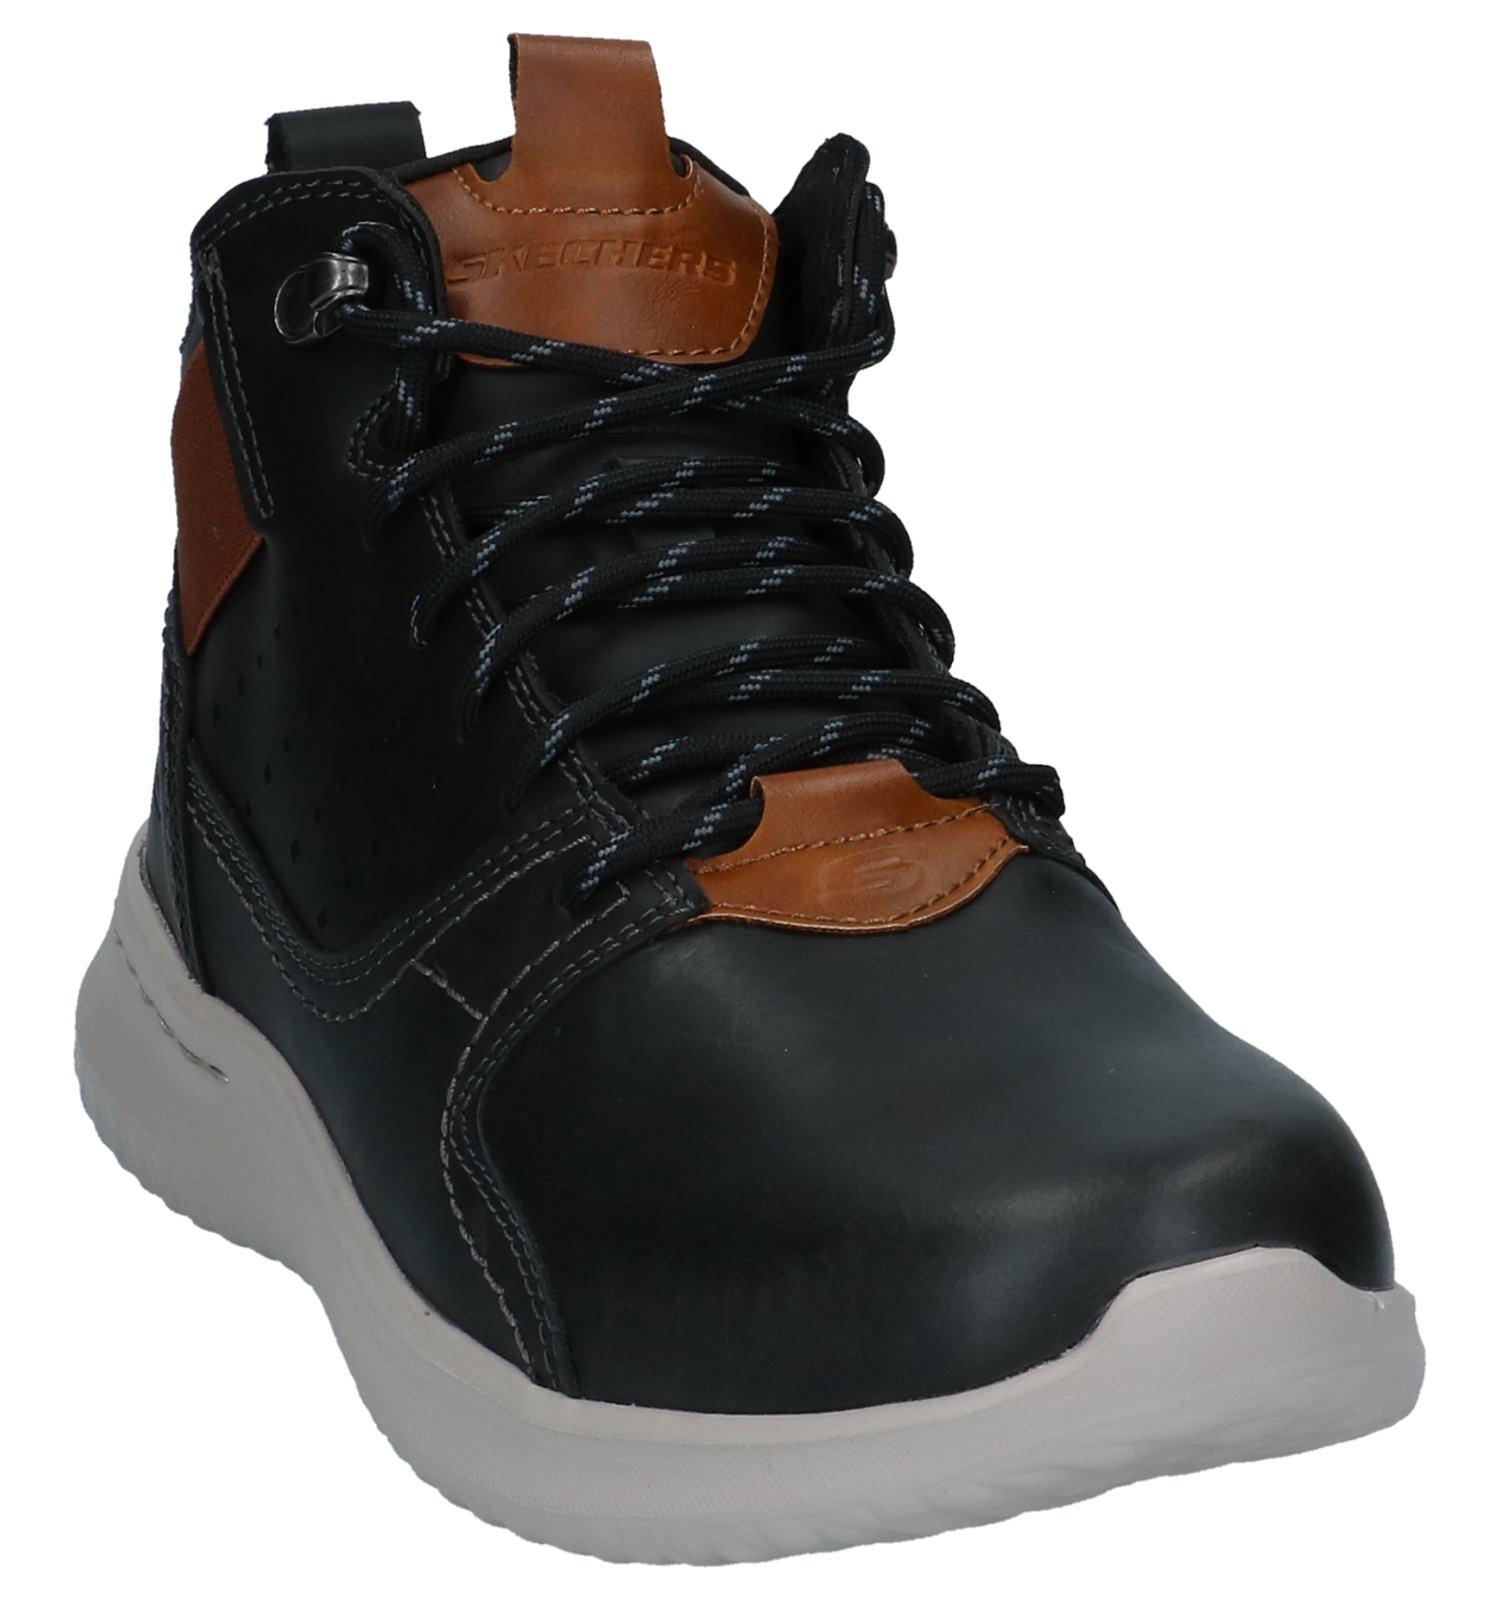 Skechers Chaussures hautes (Noir)   TORFS.BE   Livraison et